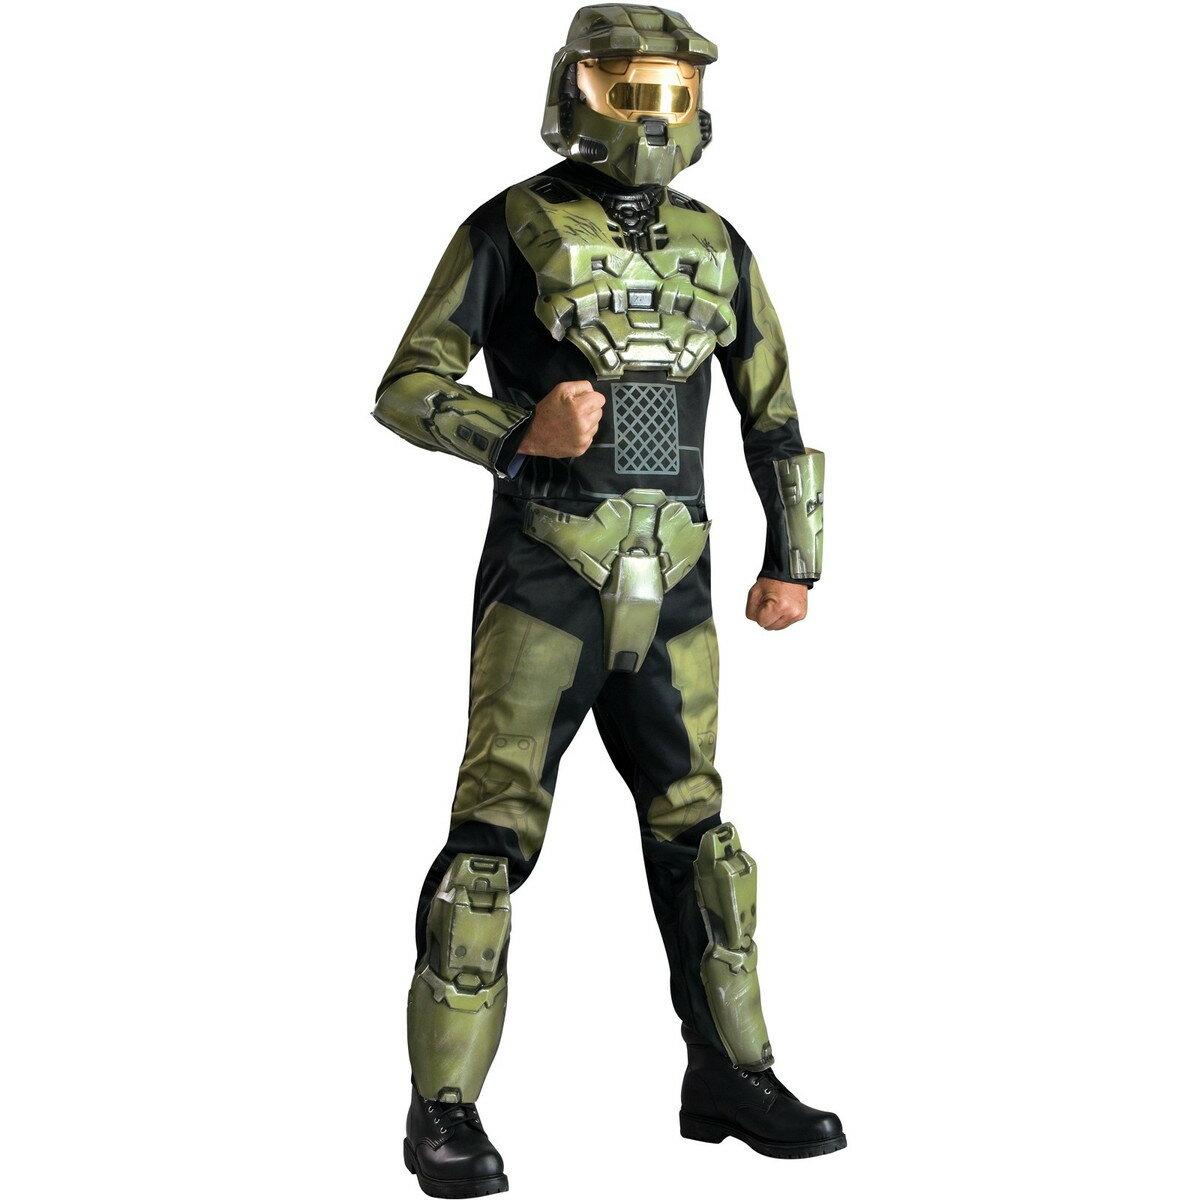 ハロウィン 衣装 ヘイロー3 マスターチーフ 大人 メンズ コスチューム コスプレ 仮装 あす楽